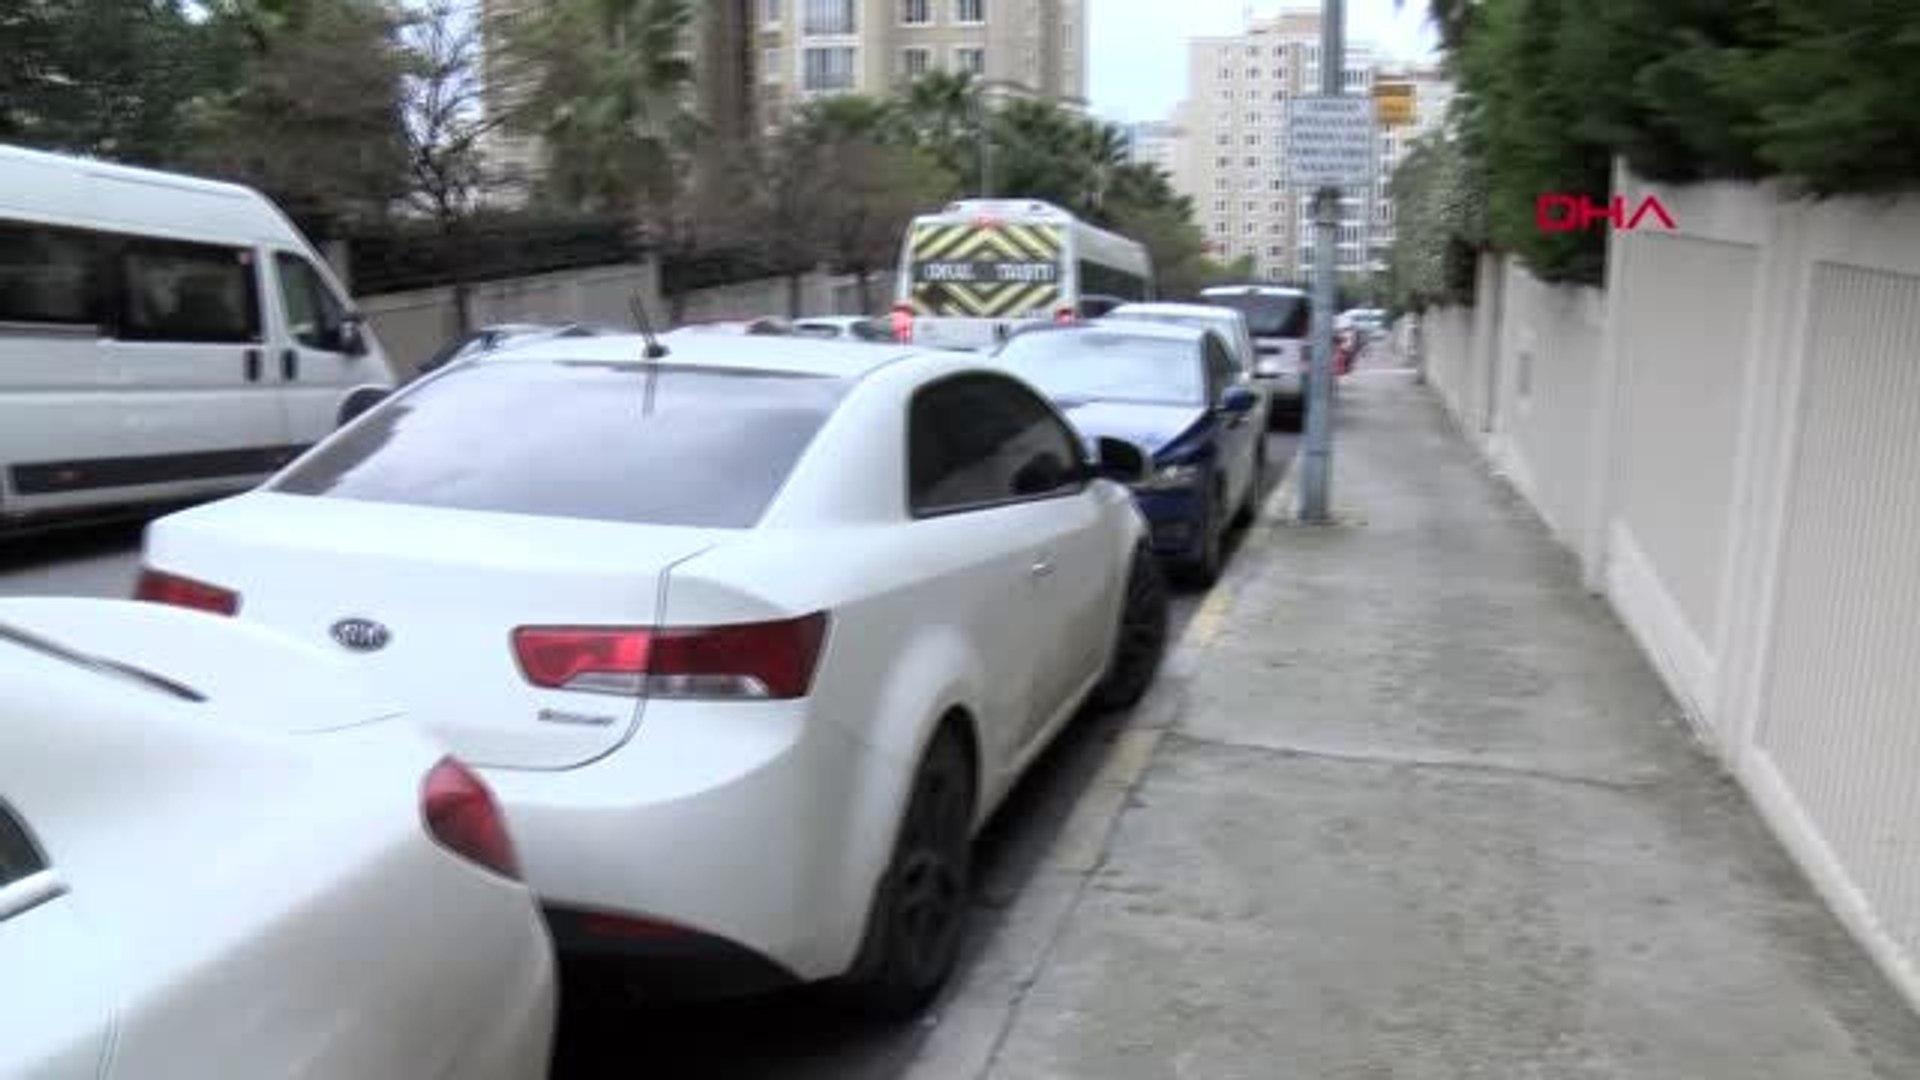 Araçlar artık yeni yönetmeliğe göre çekiliyor 1